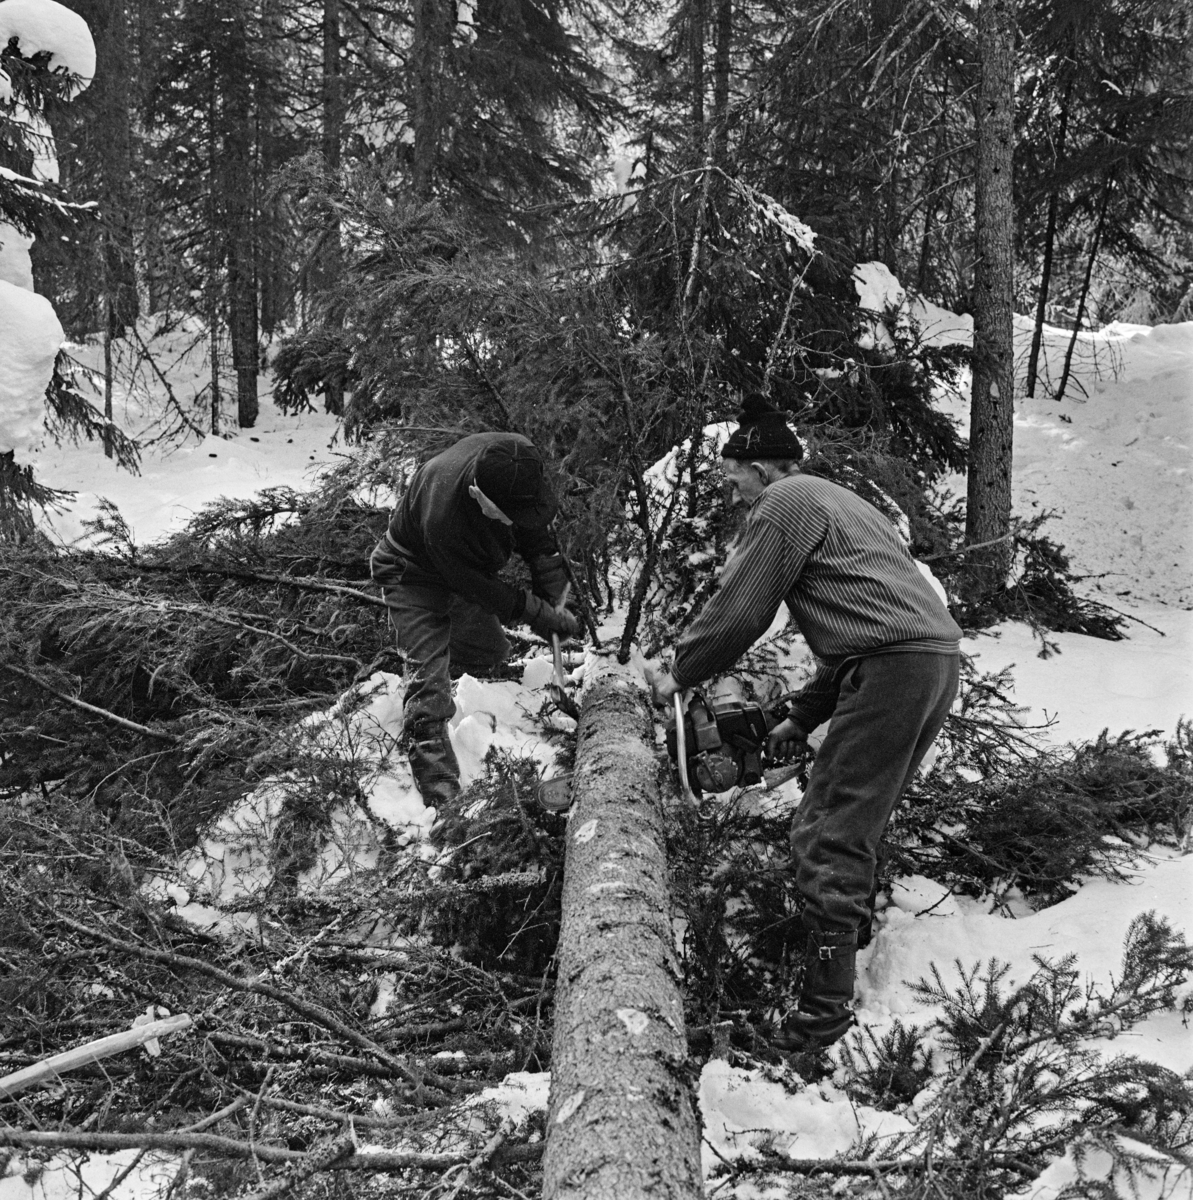 Kvisting og aptering av et grantre som var felt på snødekt mark, antakelig i 1969.  Treet er kvistet fra rota og et stykke oppover.  Deretter vurderte karene kvaliteten og dimensjonen på trestammen for å ta stilling til hvilket sortiment det var rimelig å klassifisere den i.  Deretter målte de ut en høvelig kappelengde i tråd med skogeierforeningens kappetabell, slik at skogeieren fikk en optimal pris for stokken.  Deretter kappet mannen til høyre treet med motorsaga si.  Han kapper ovenfra og nedover med tilnærmet horisontalstilt sverd.  Så snart han merker tegn til at treet bender nedover må han løfte sverdet og gjøre et snitt fra undersida, ellers kan saga lett kile seg fast.  Mens den ene skogsarbeideren saget fortsatte arbeidskameraten (til venstre i bildet) å kviste med øks oppover mot toppen.  De tidlige motorsagmodellene hadde ikke membranforgasser og kunne derfor ikke brukes i de varierte arbeidsstillingene kvistinga innebar uten at motoren ble «kvalt».